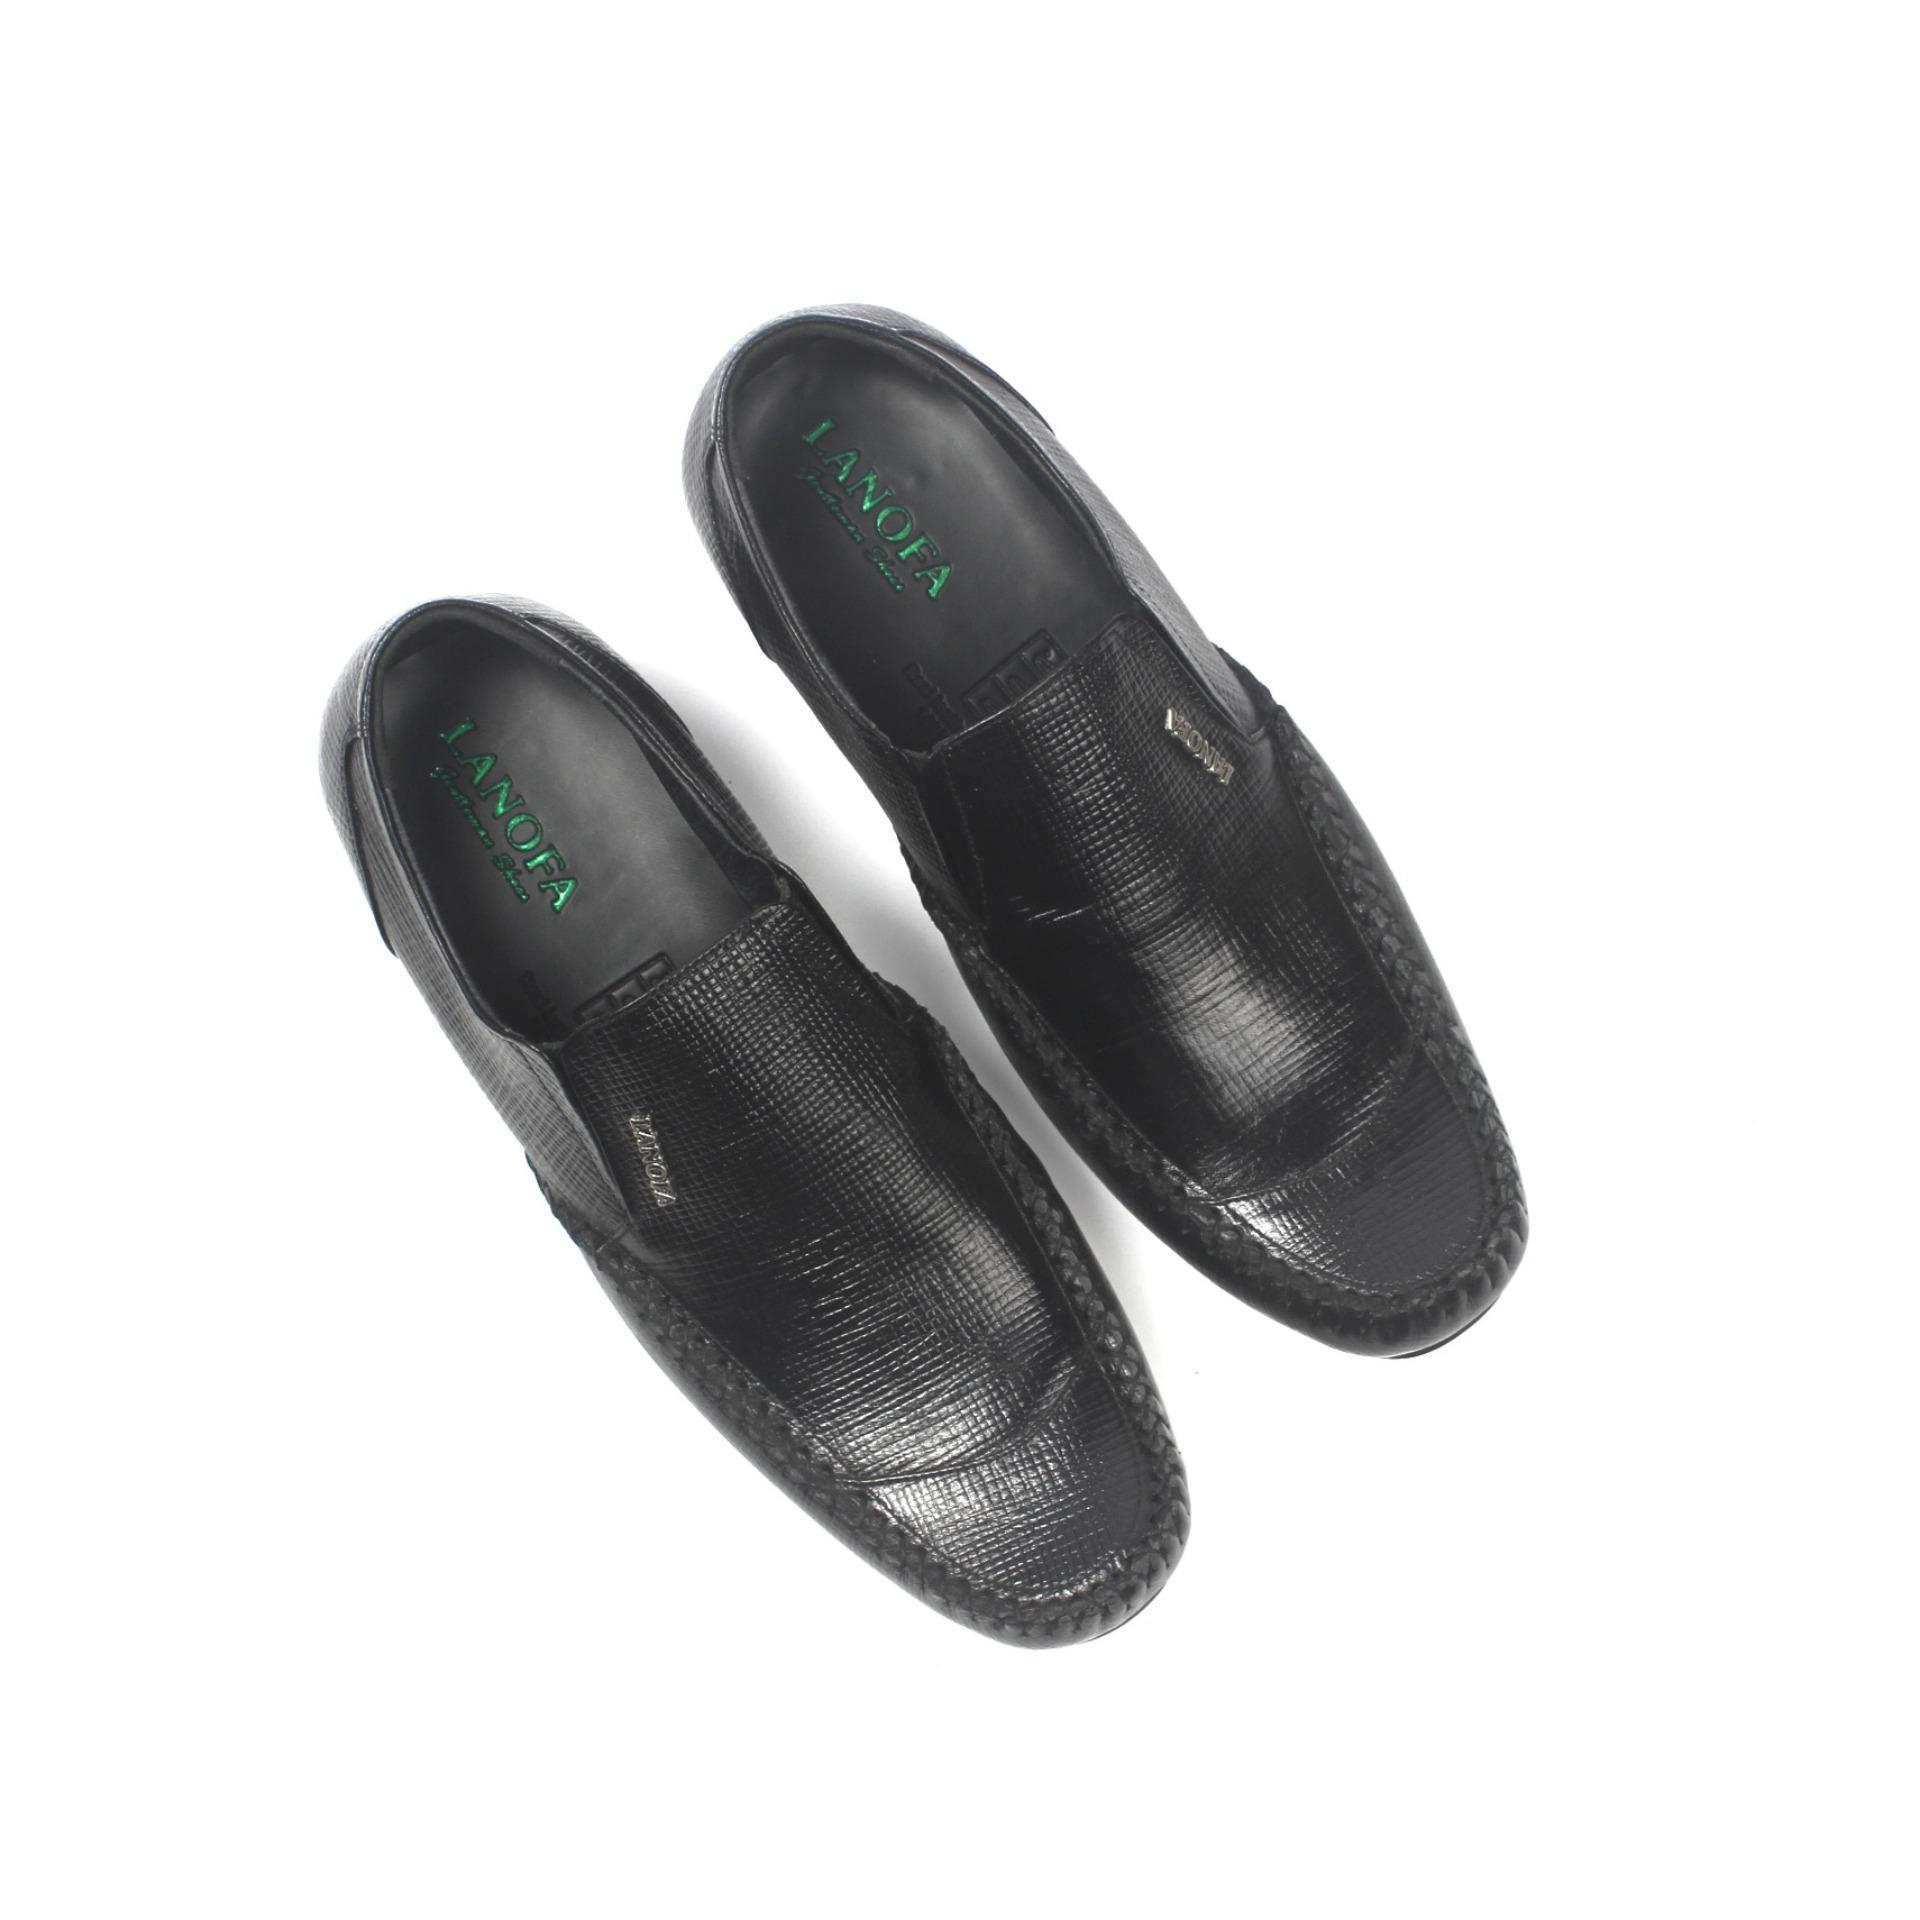 Promo Sepatu Kulit Pria Pantofel LANOFA1157 di jakarta